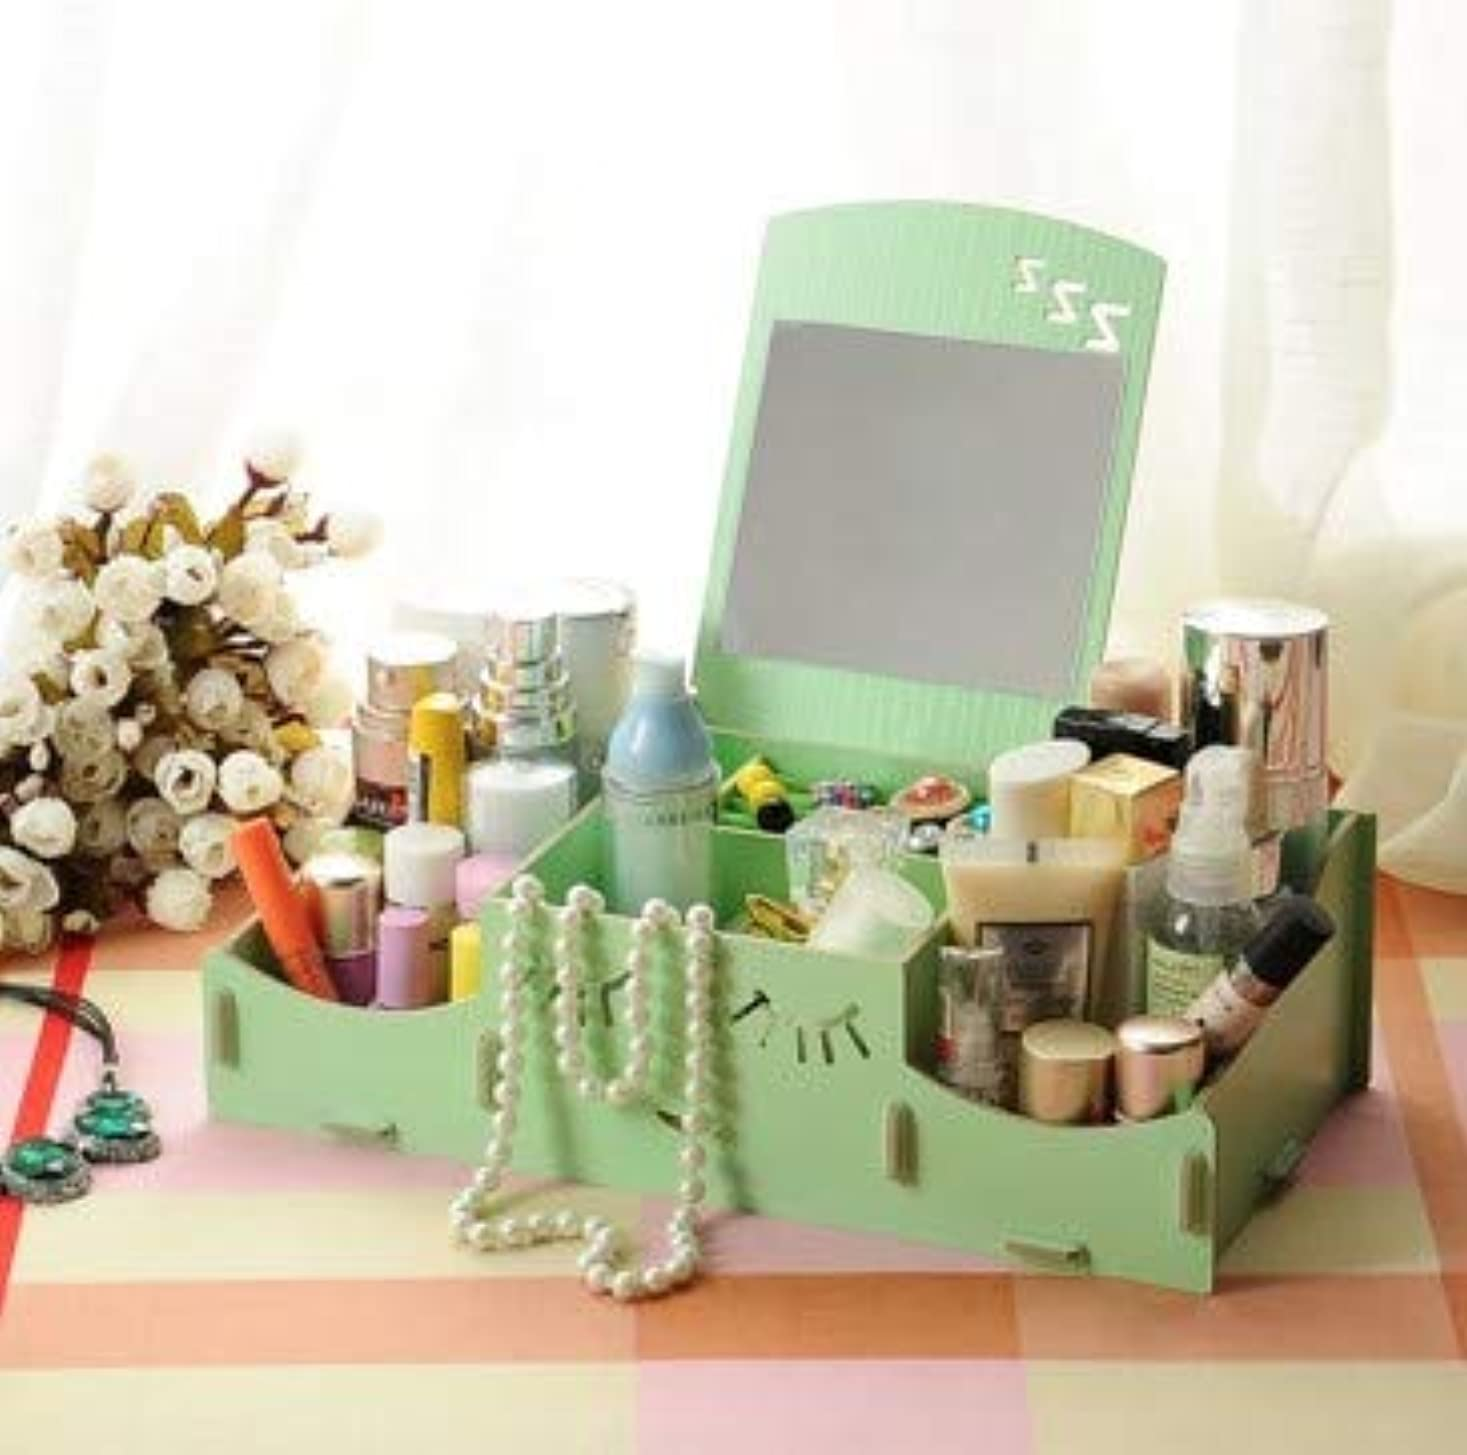 ソーダ水スイス人免疫スマイリー木製クリエイティブ収納ボックス手作りデスクトップミラー化粧品収納ボックス化粧品収納ボックス (Color : グリンー)